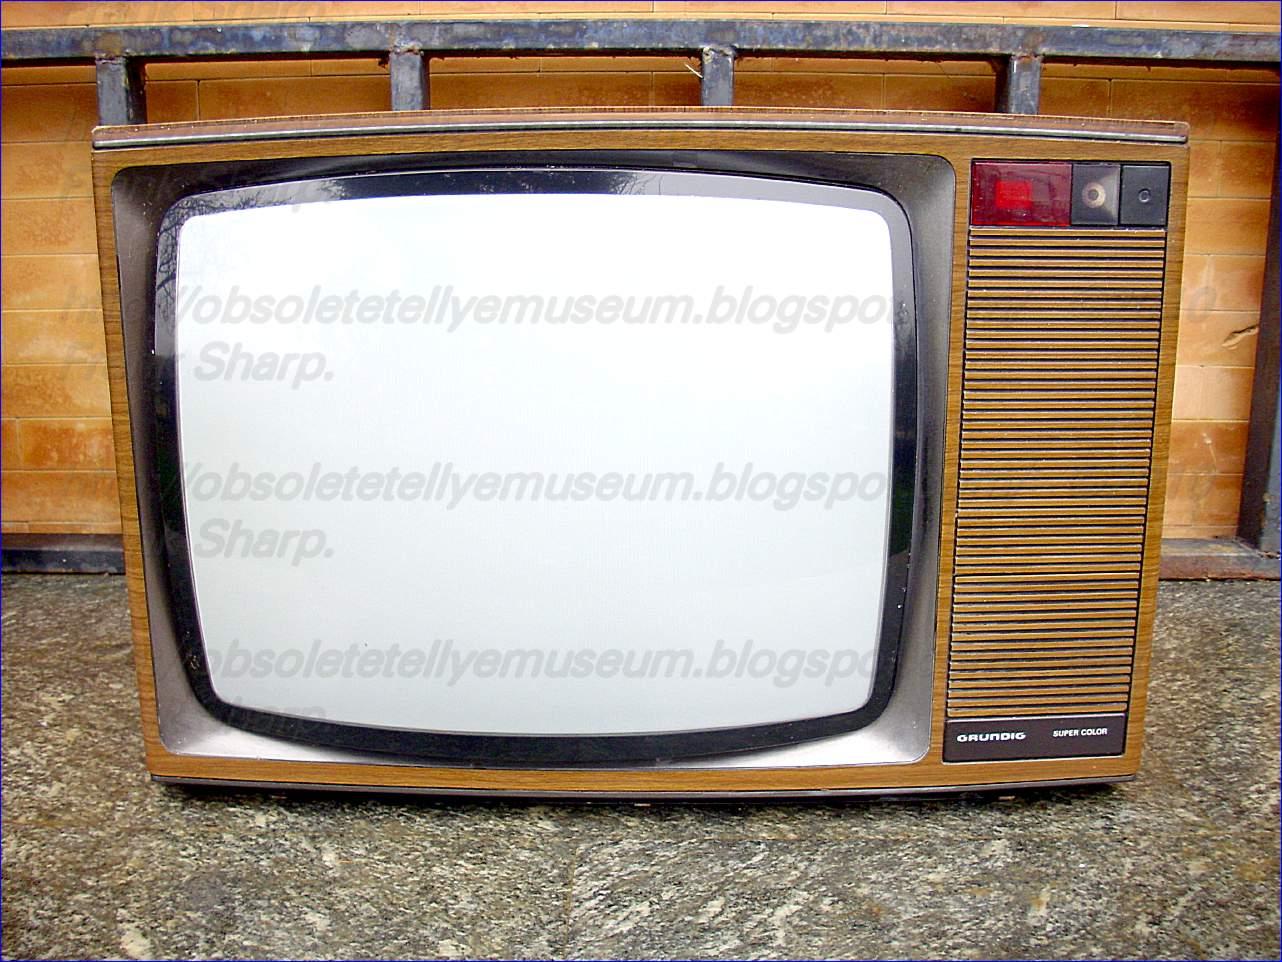 gefahr unter wasser tv serie